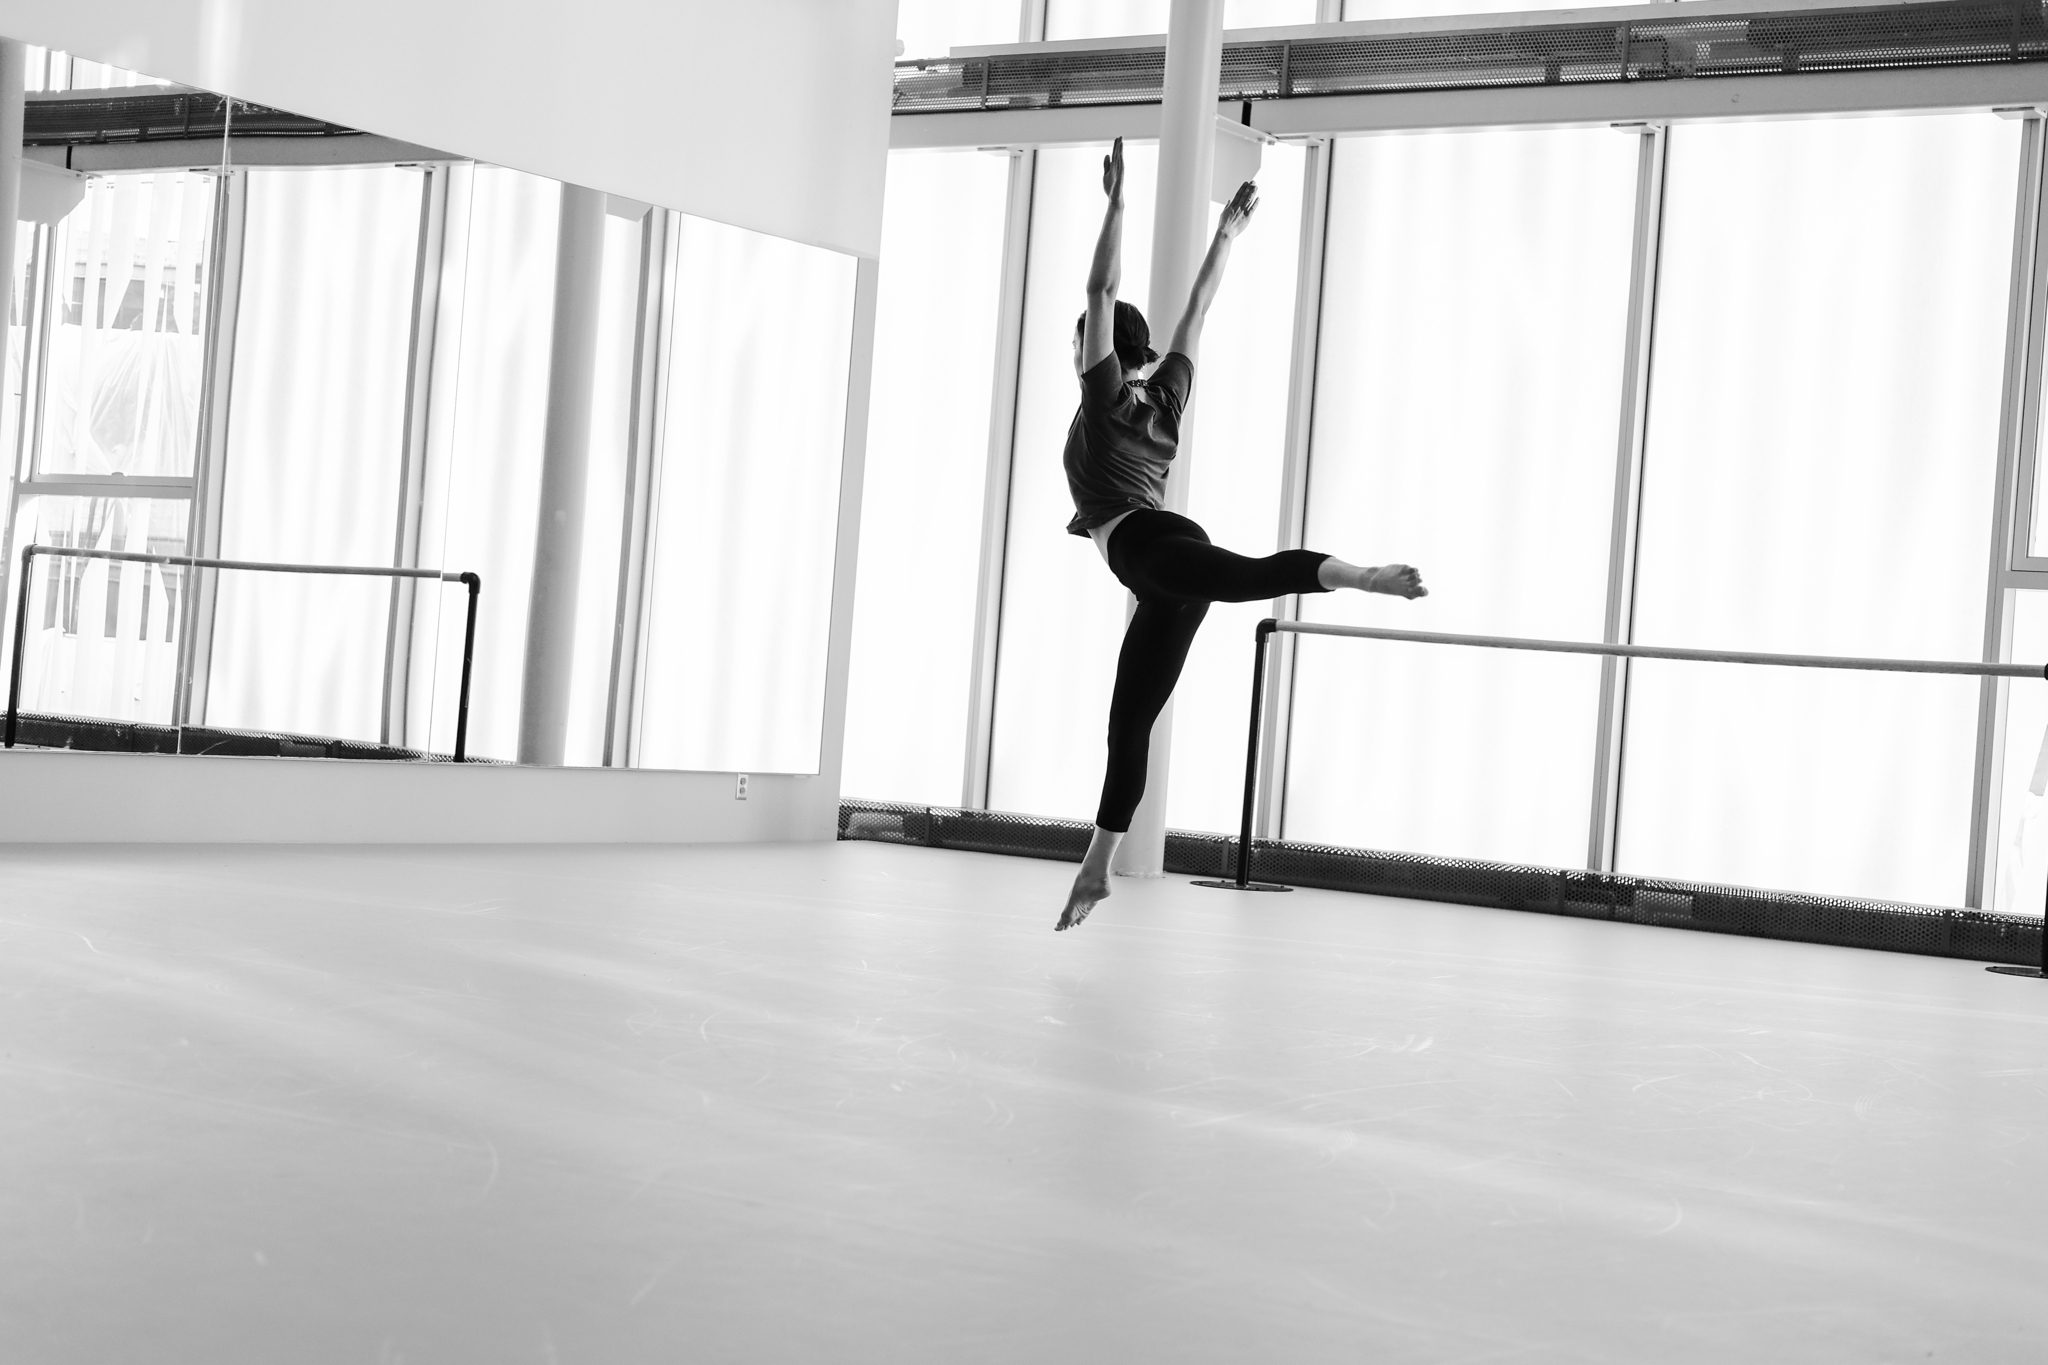 École de Danse Contemporaine de Montréal à Montréal: STUDIO Photo: Adéral Piot Dancer: Eloïse Bastien